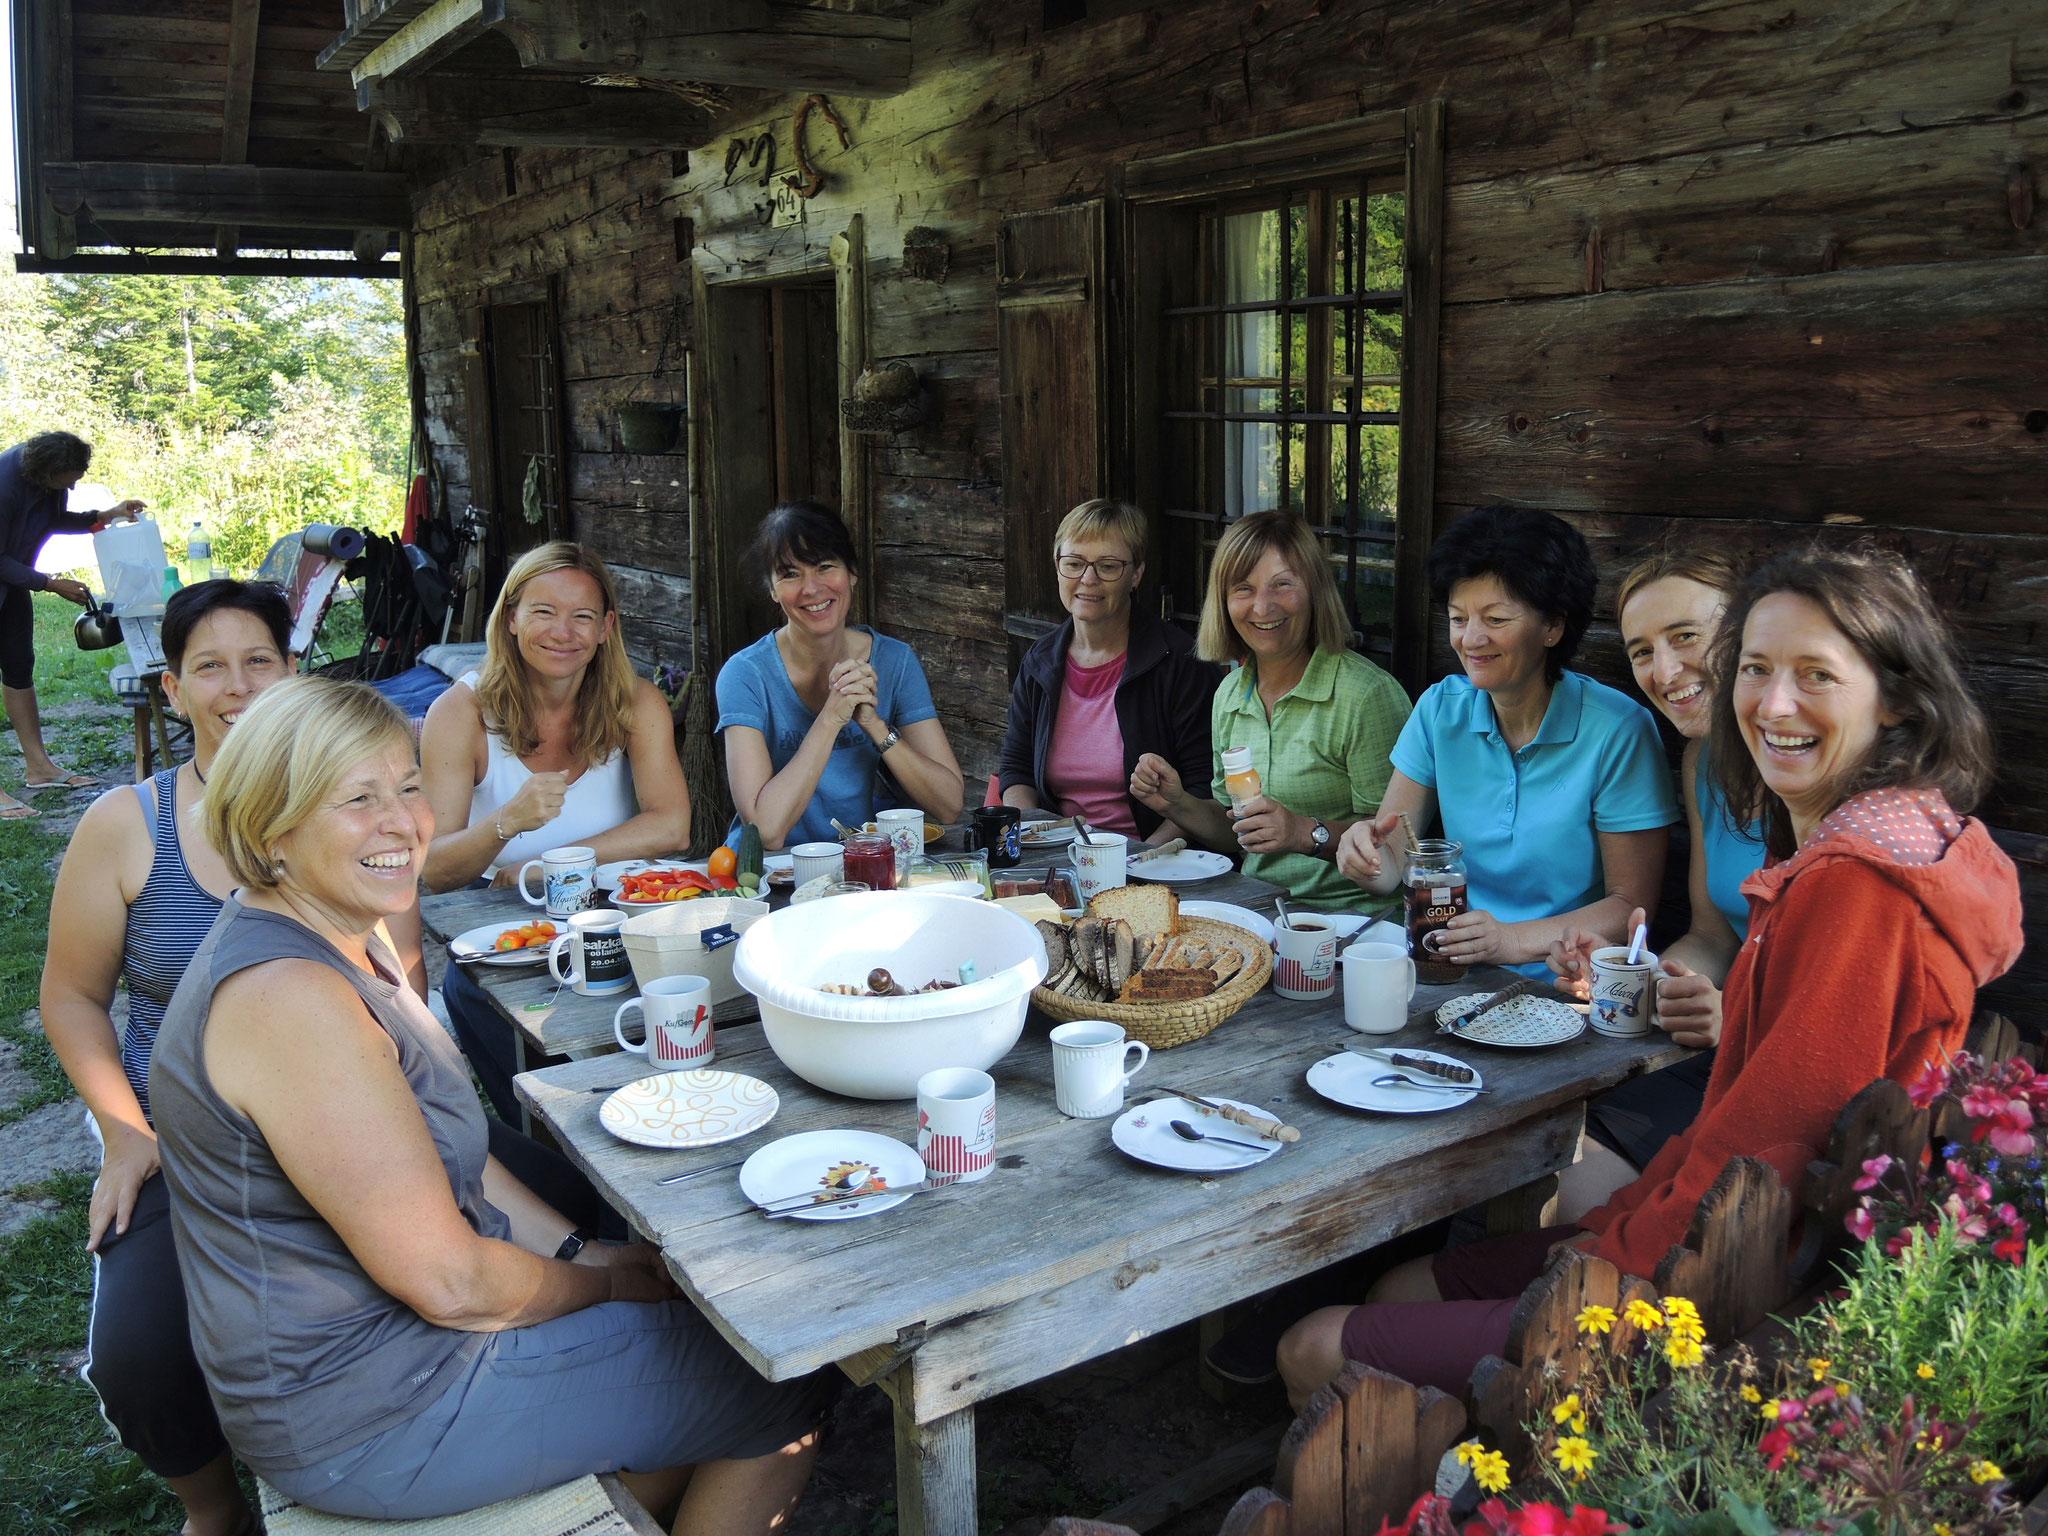 Wilde Weiber - Wilde Küche Frauencamp auf der Alm